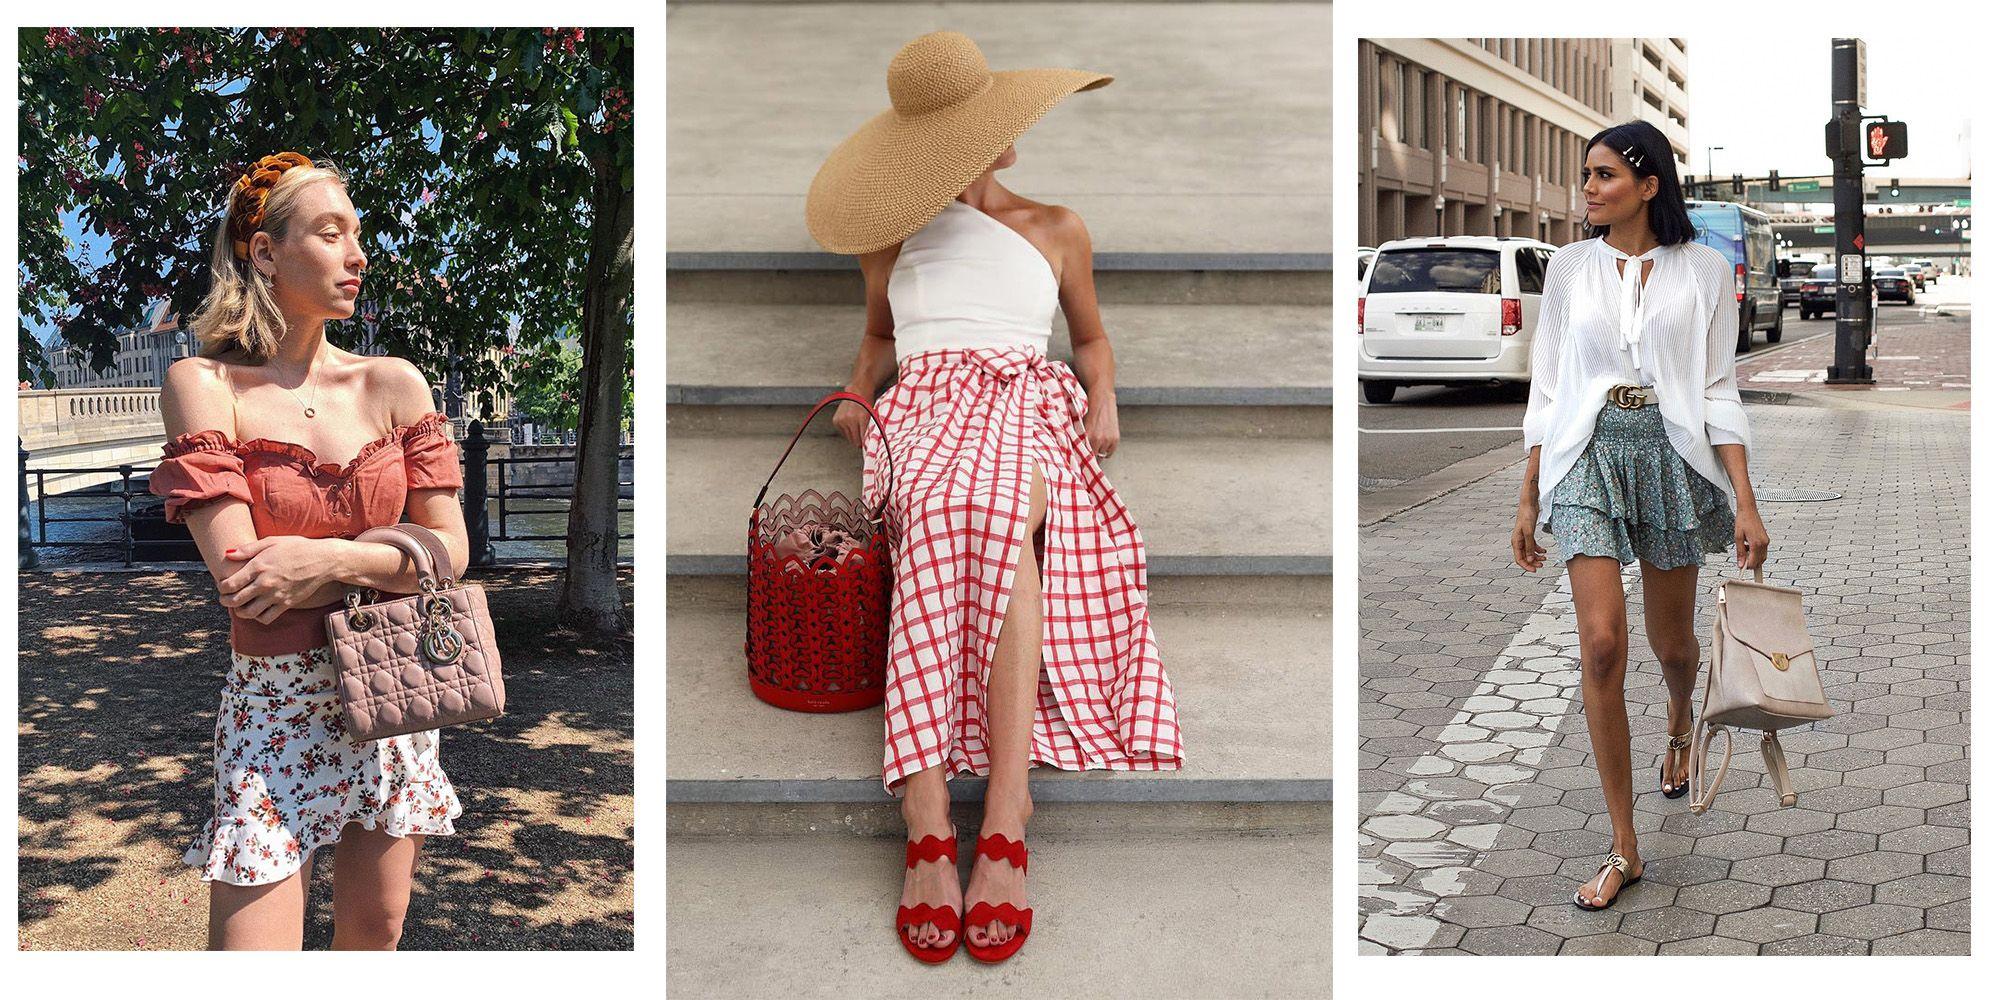 Faldas estampadas cortas y midis de moda en verano 2019